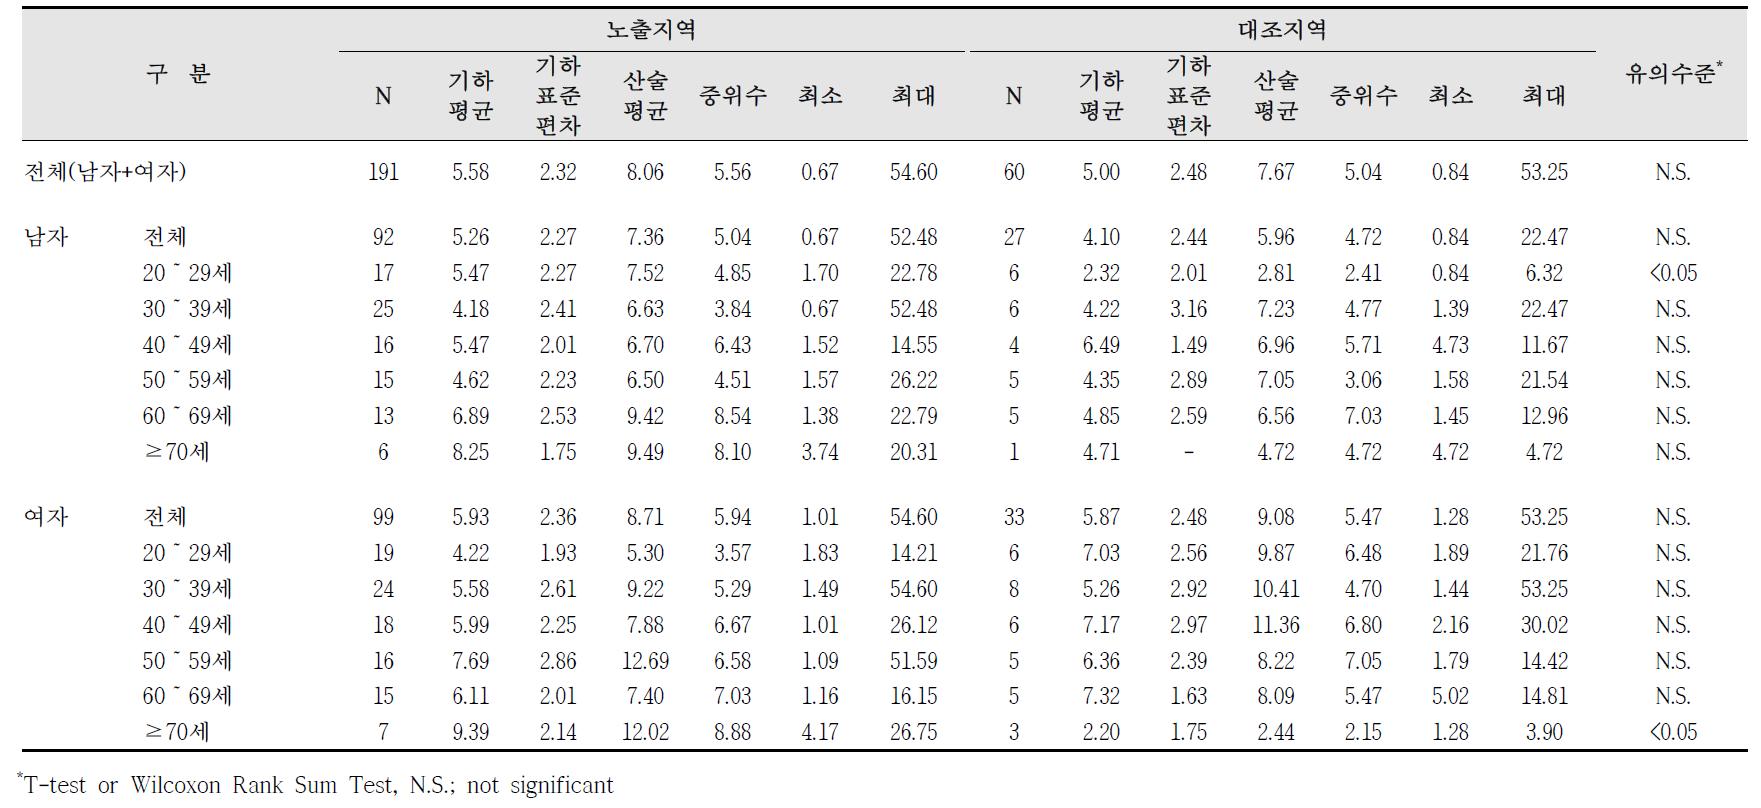 청주산업단지 요중 MBzP 농도 비교